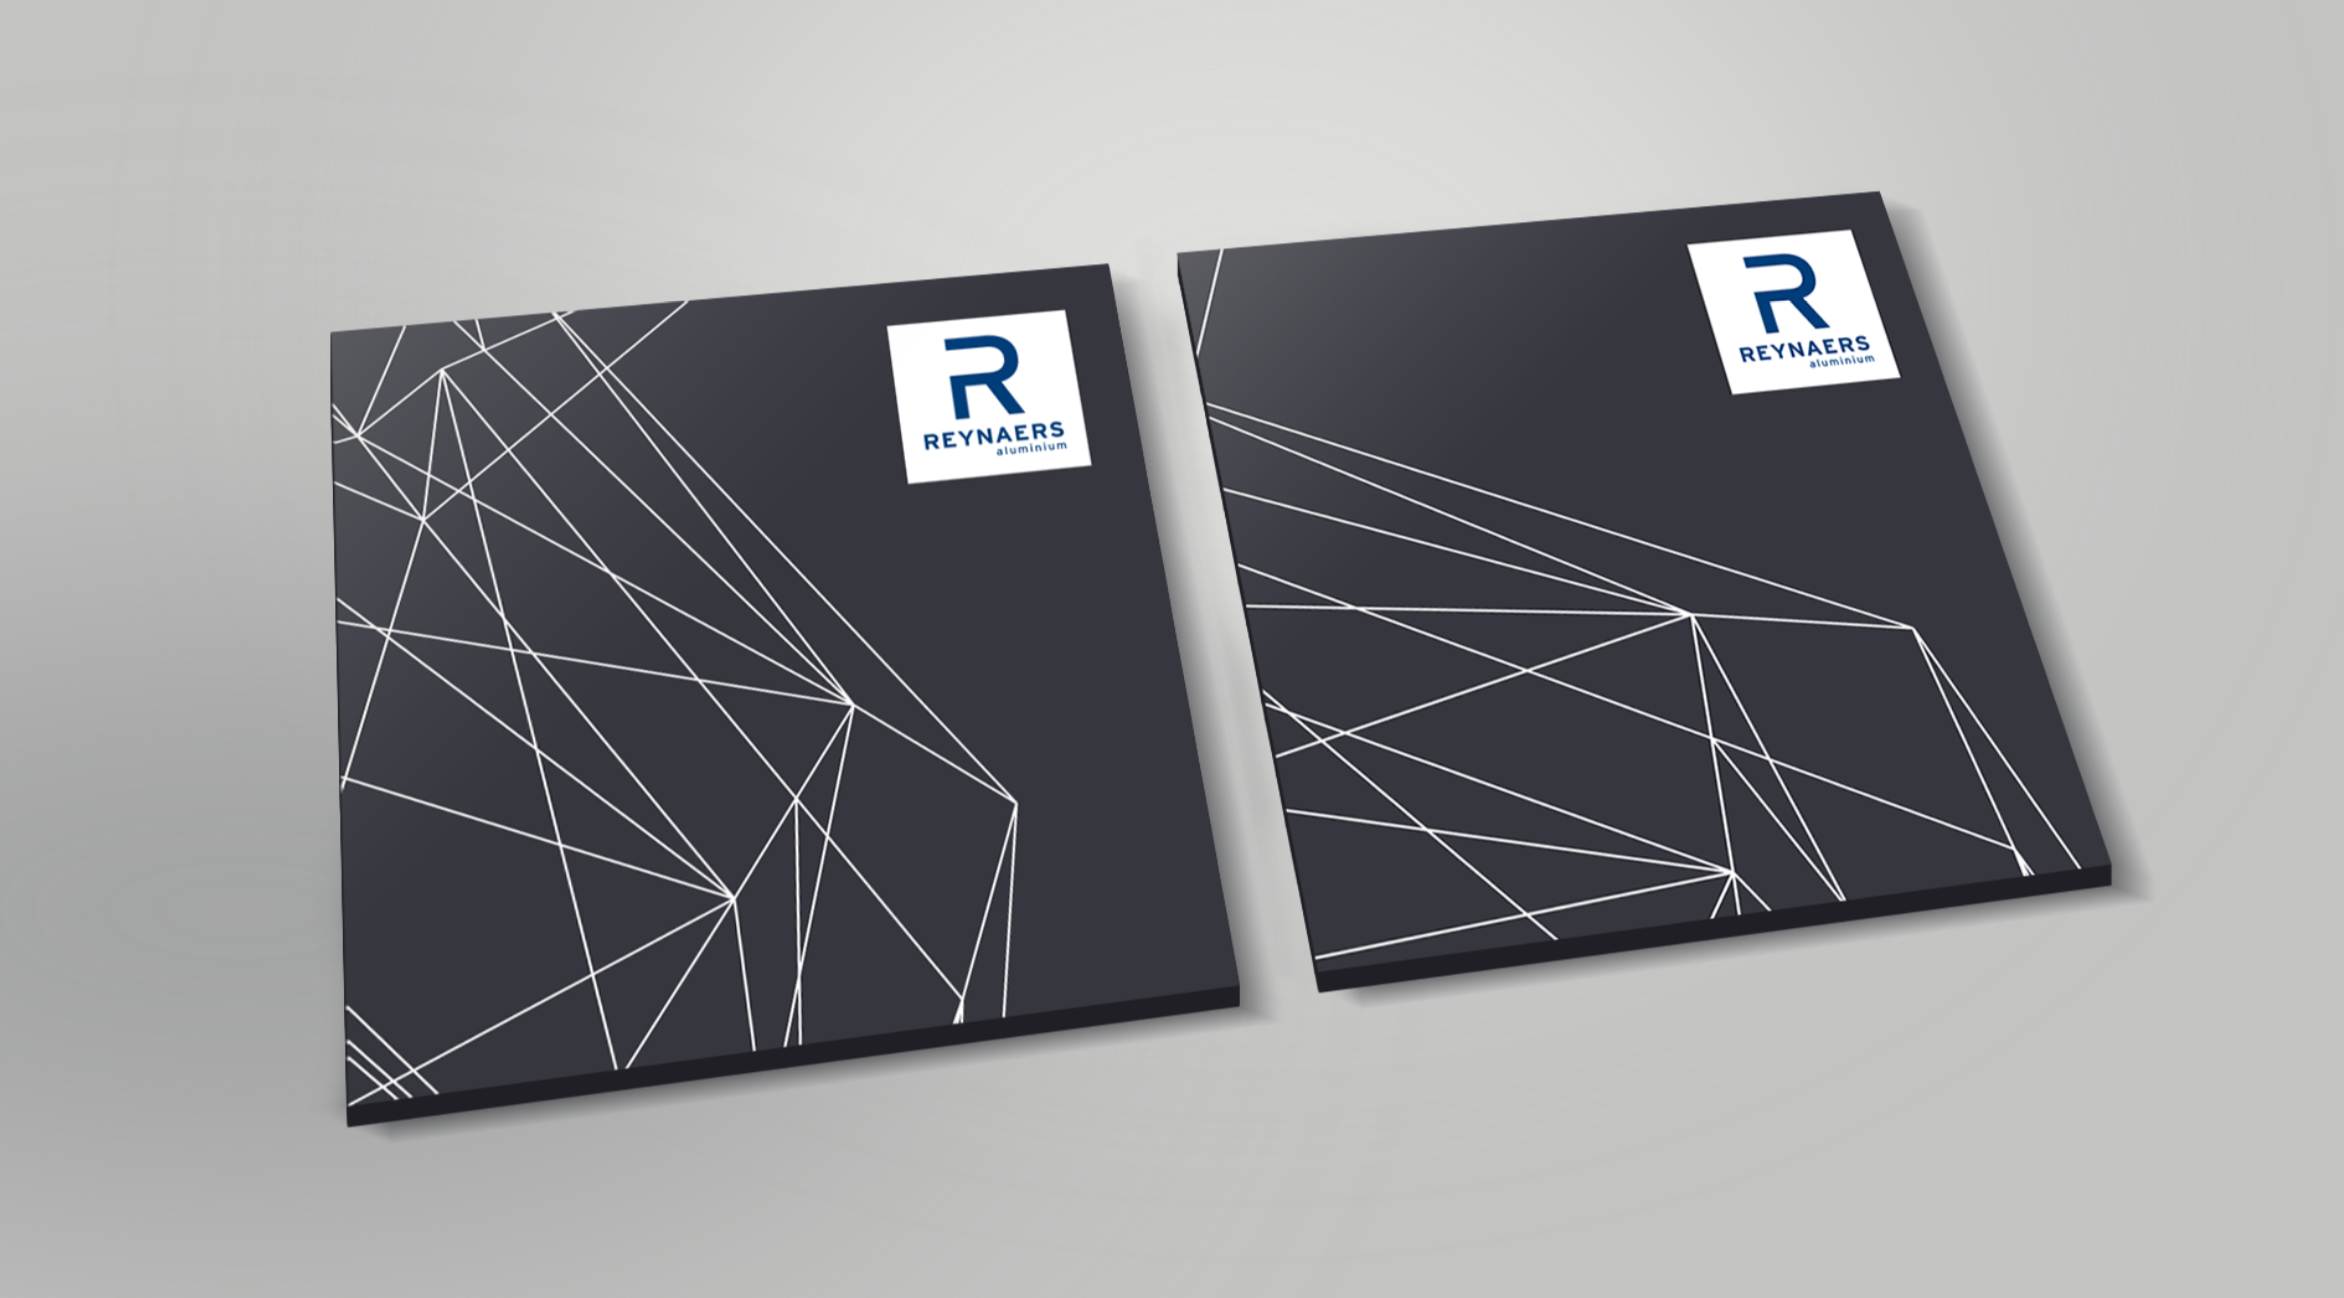 Корпоративные Подарки для Reynaers